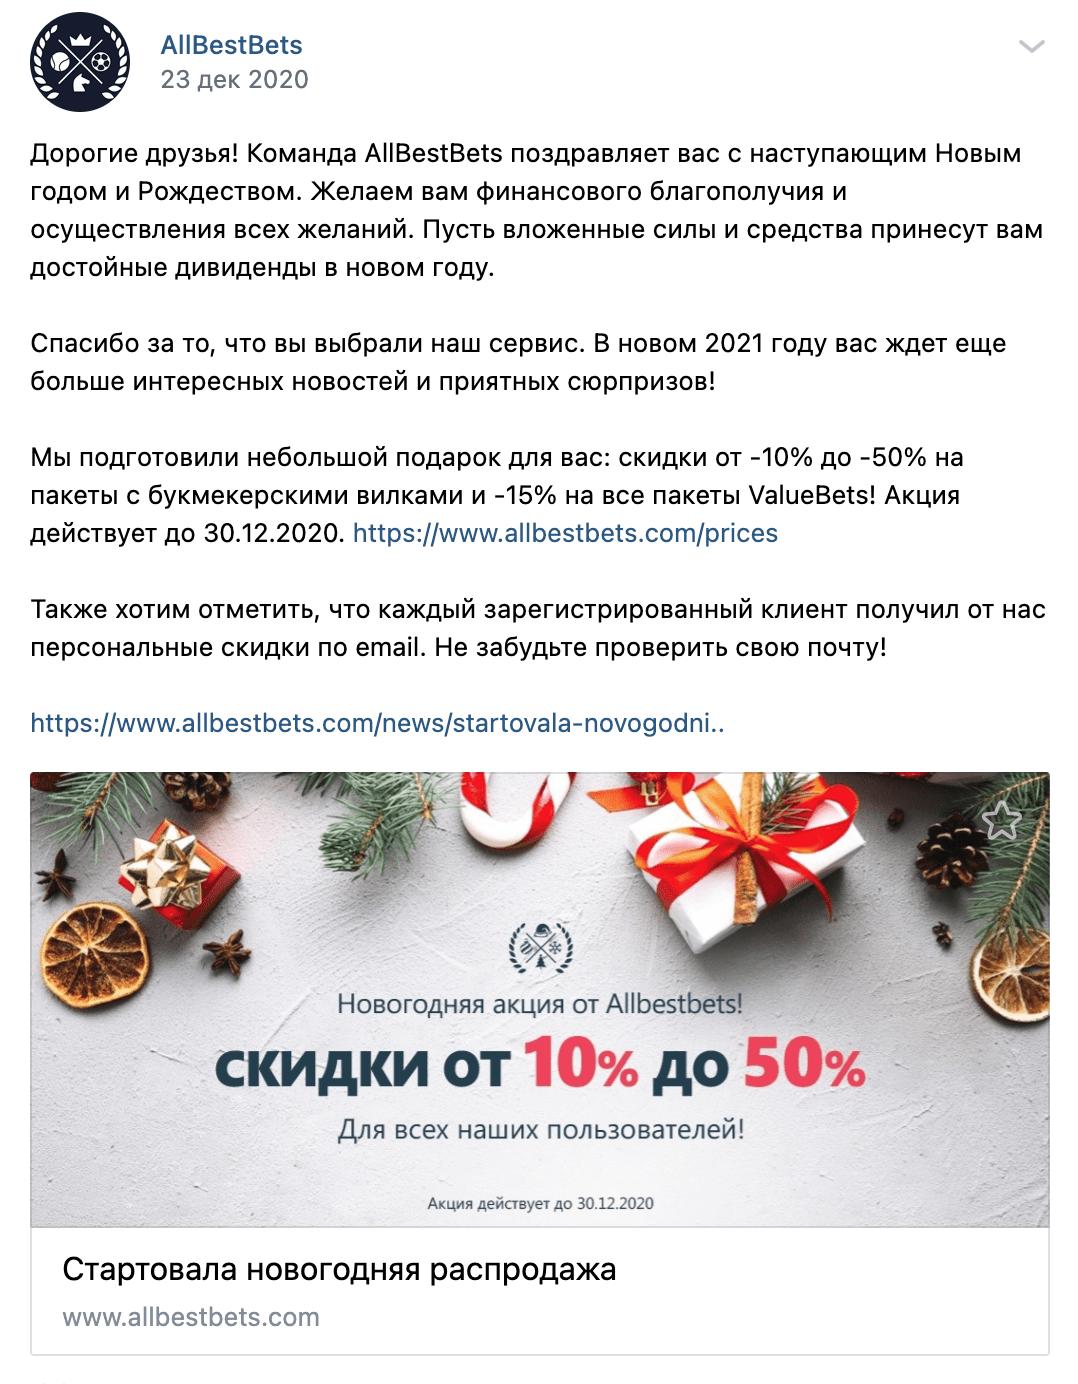 Новогодняя акция от сканера Allbestbets ru (Аллбестбетс ру)